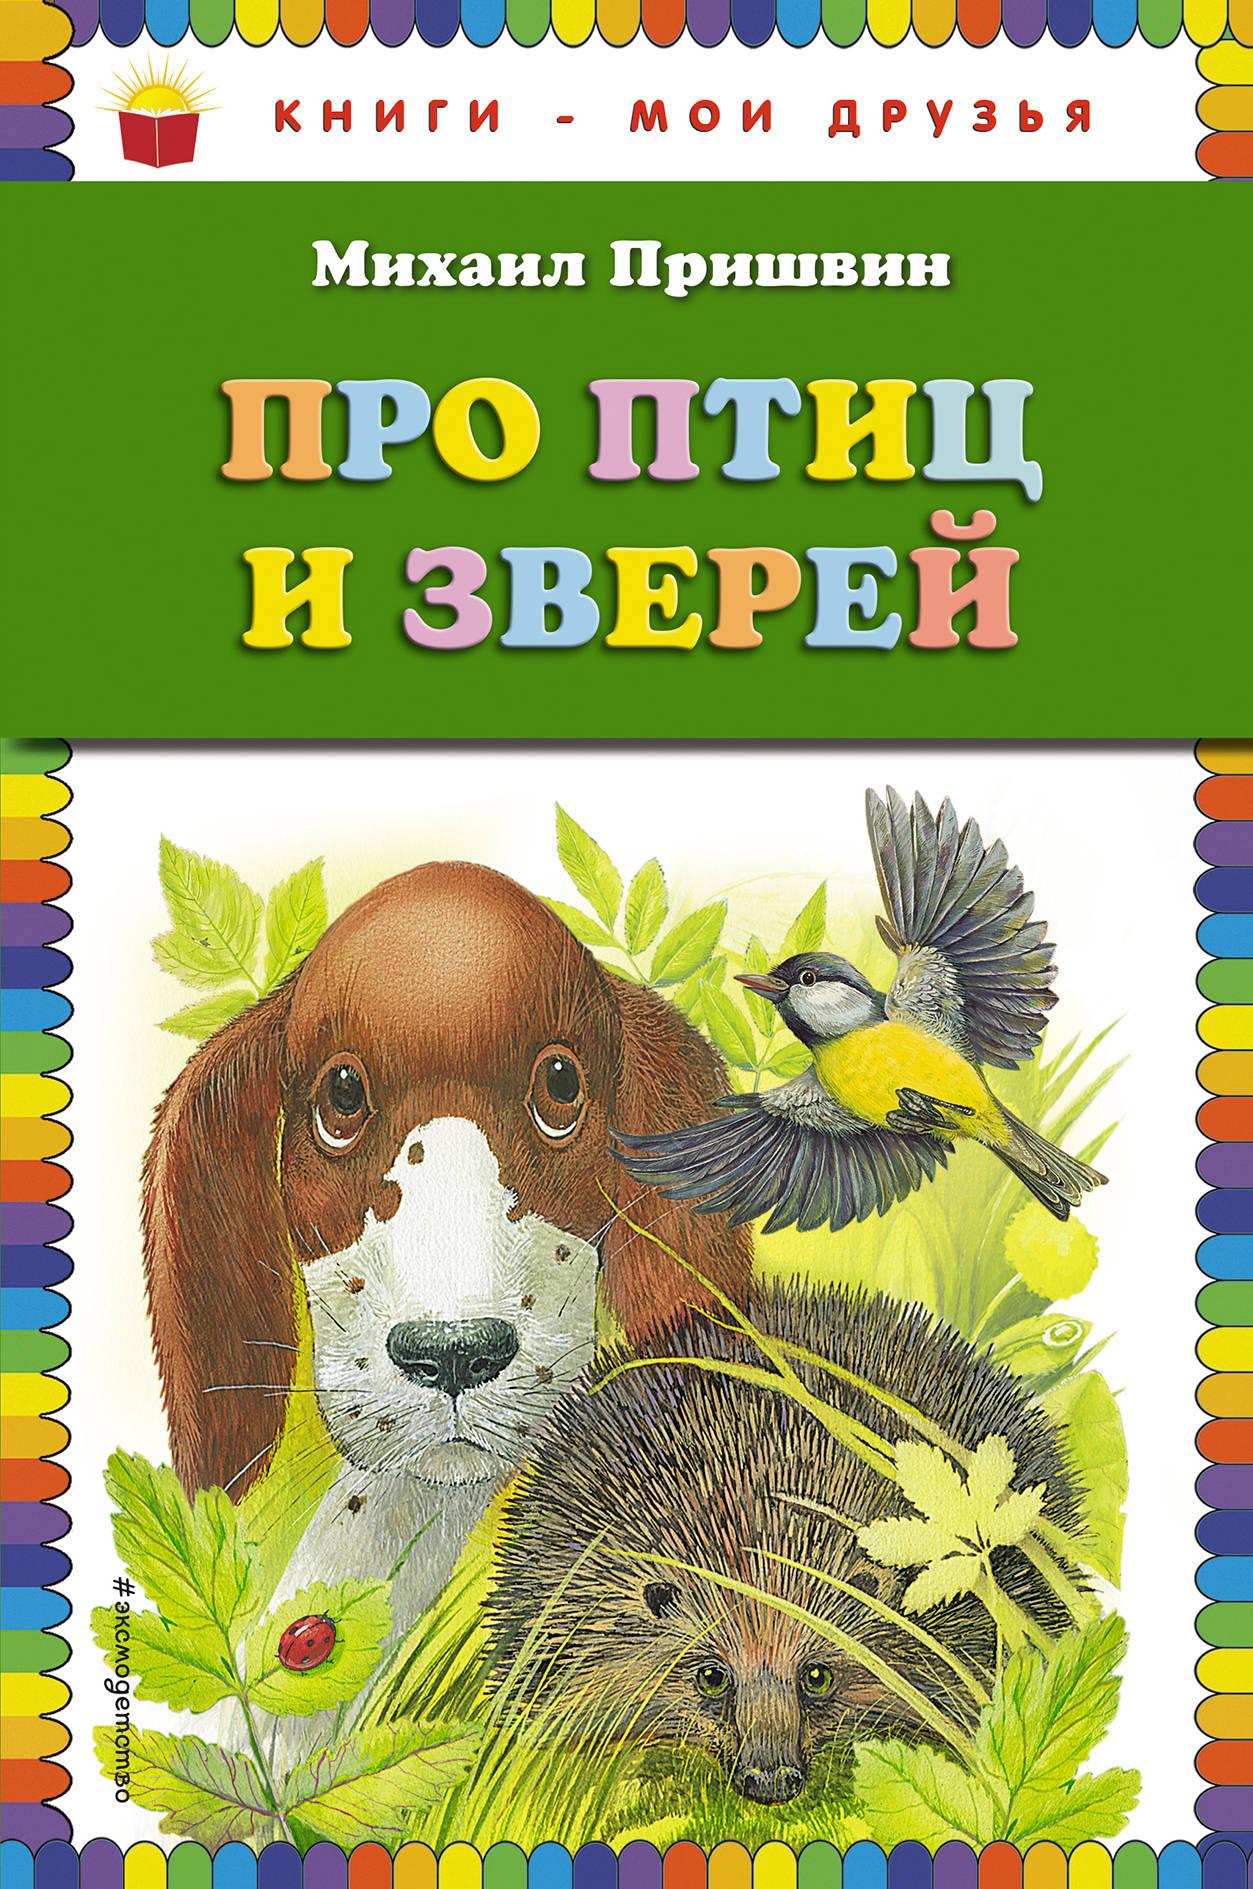 Михаил Пришвин Про птиц и зверей рассказы про птиц и зверей